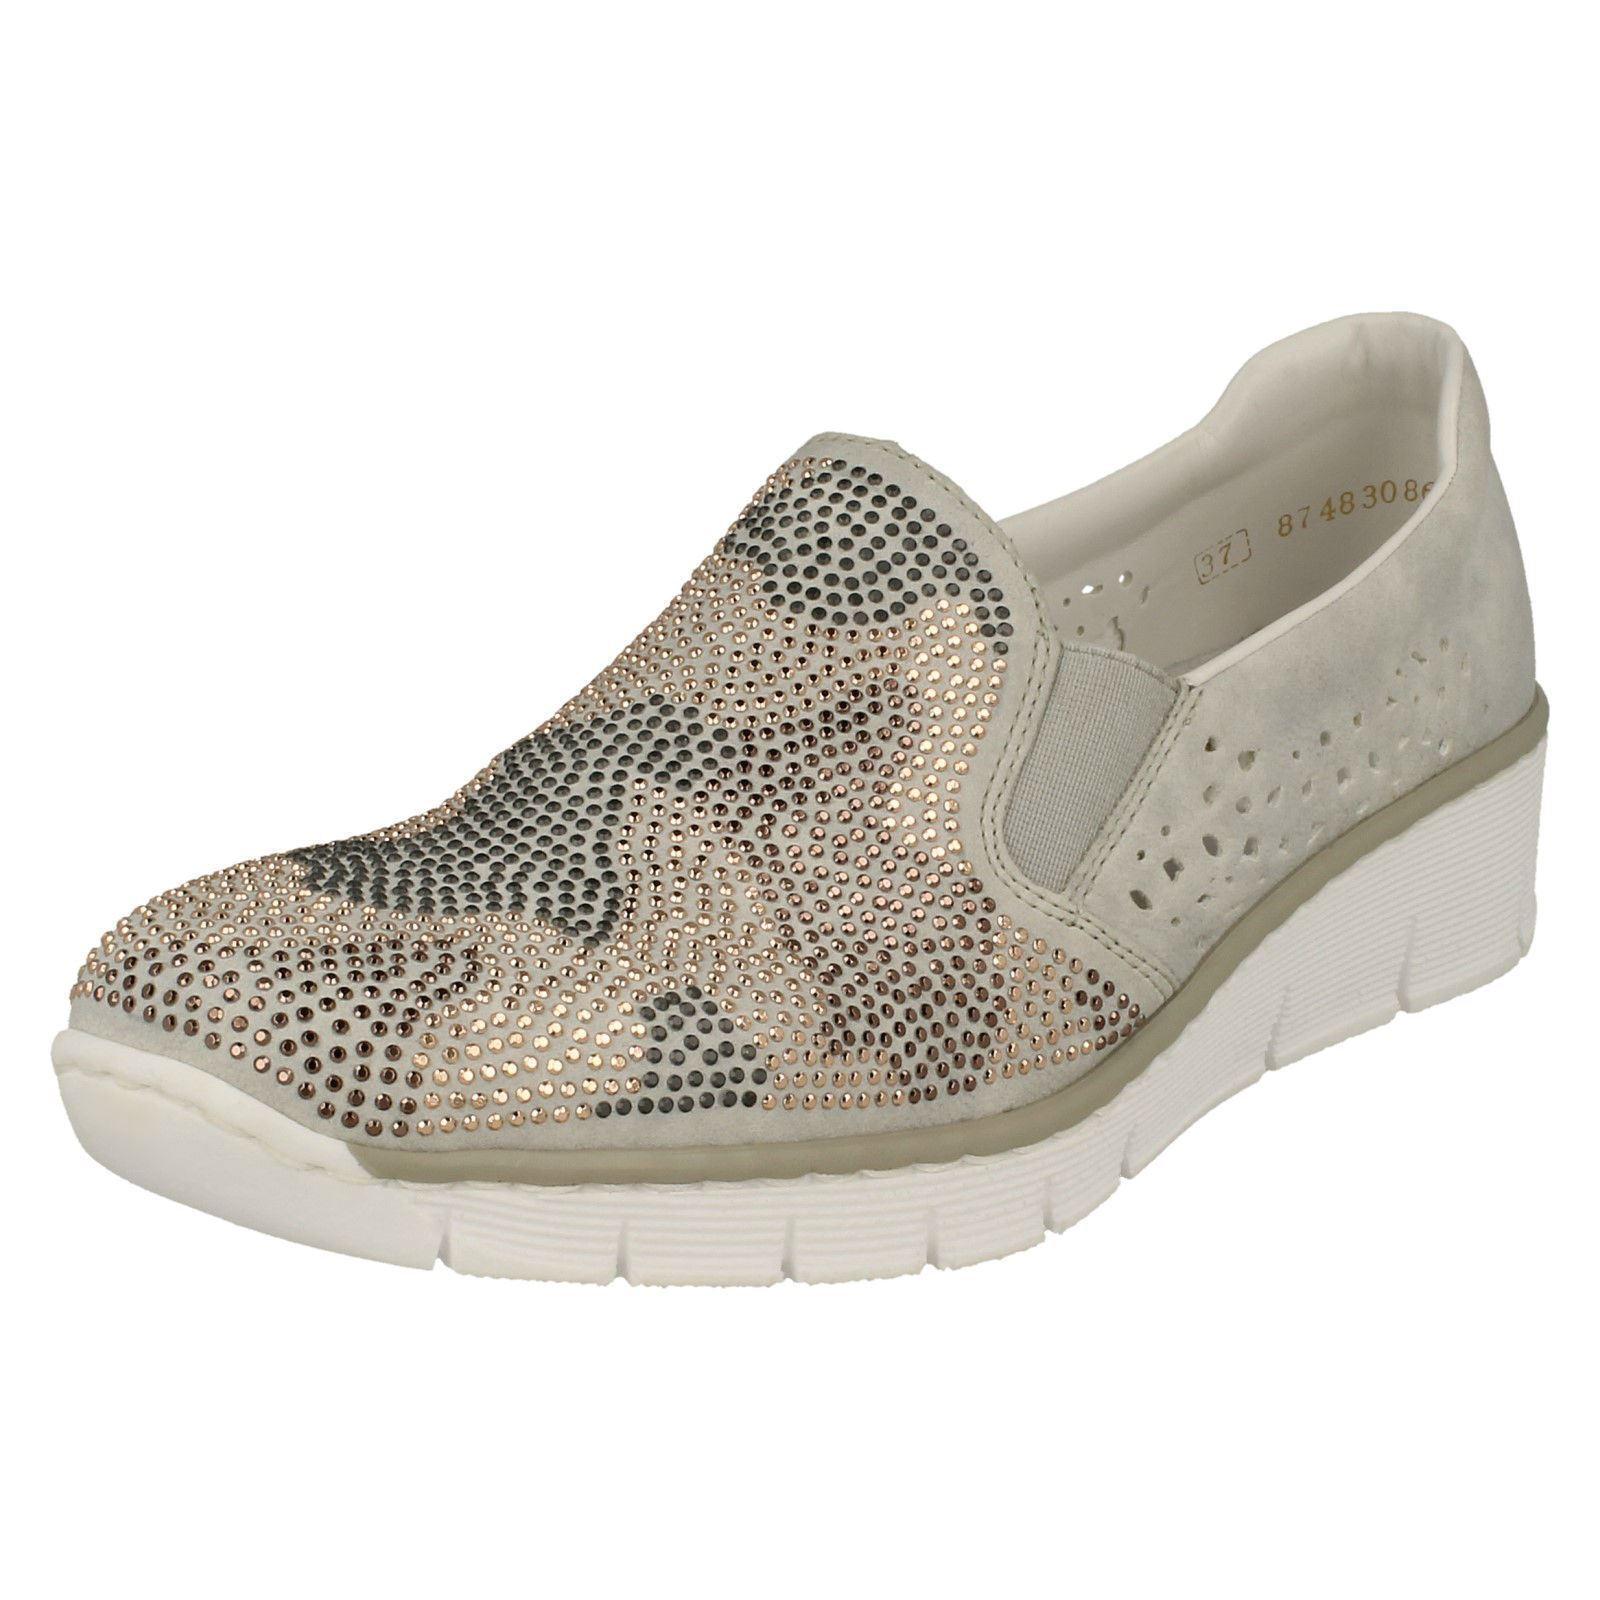 Rieker Damen 537t1 grau Freizeit Slipper Metallisch vorne Schuh